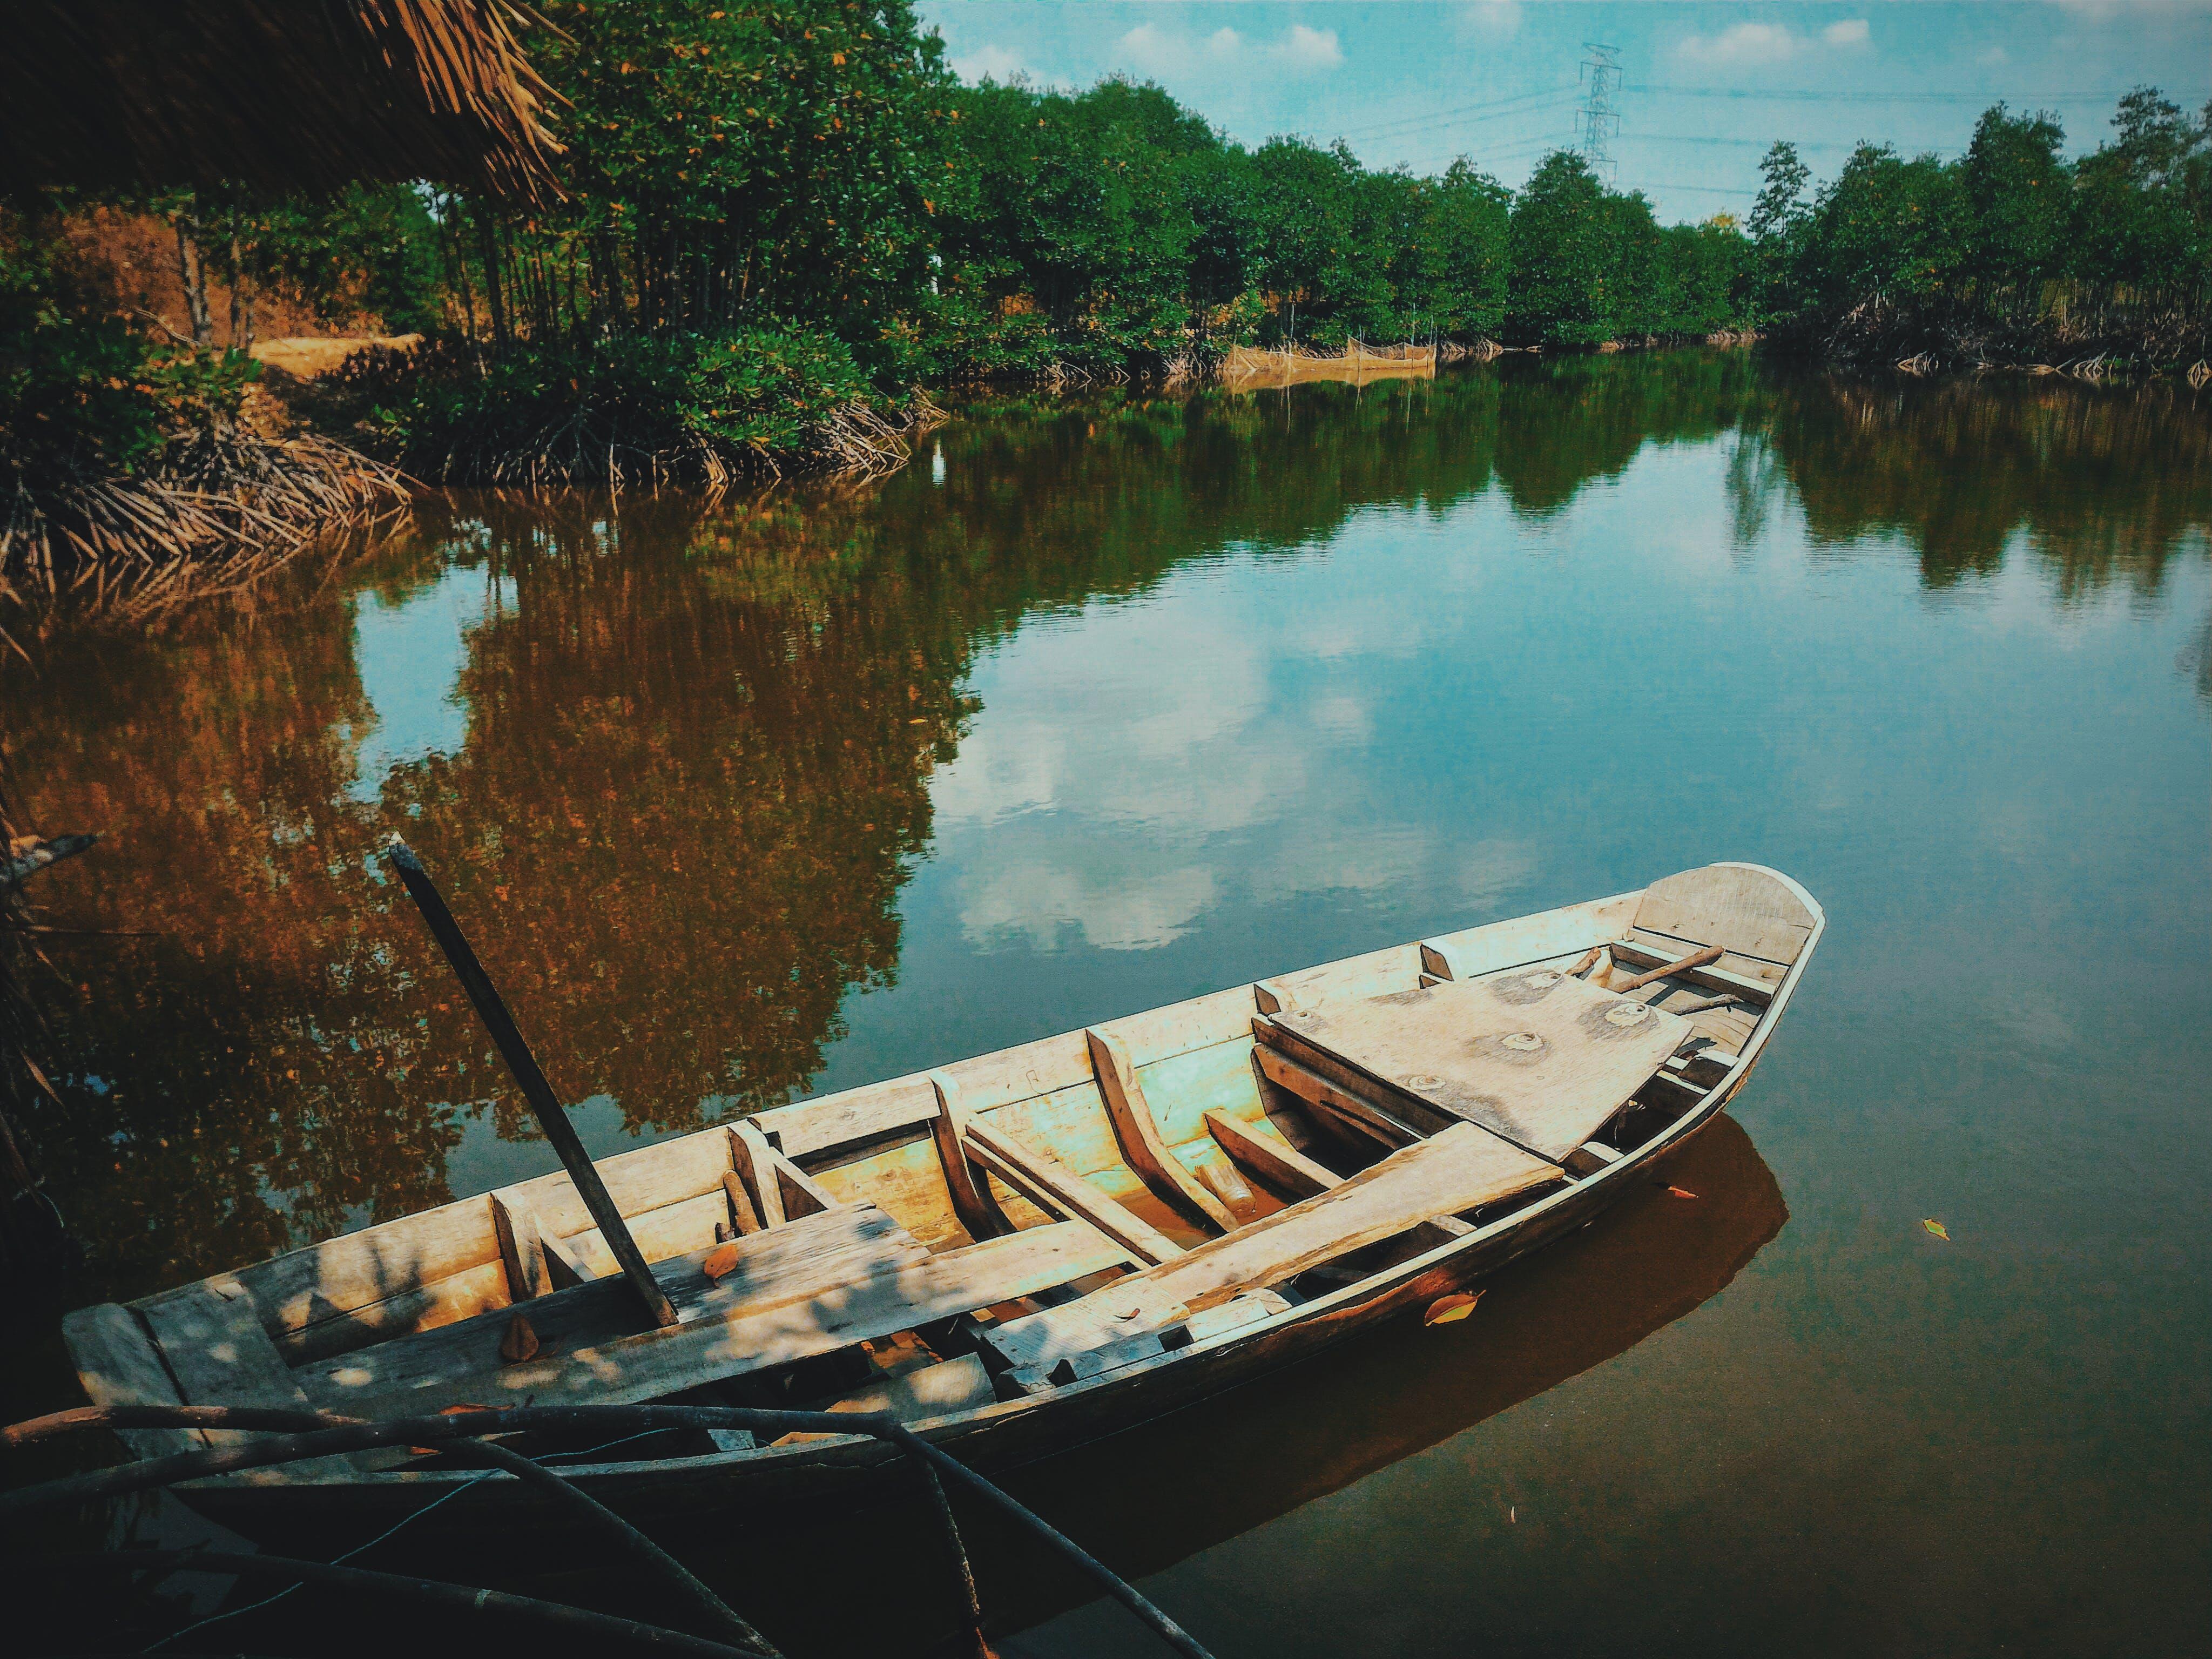 Gratis lagerfoto af båd, dagslys, fiskekutter, kano